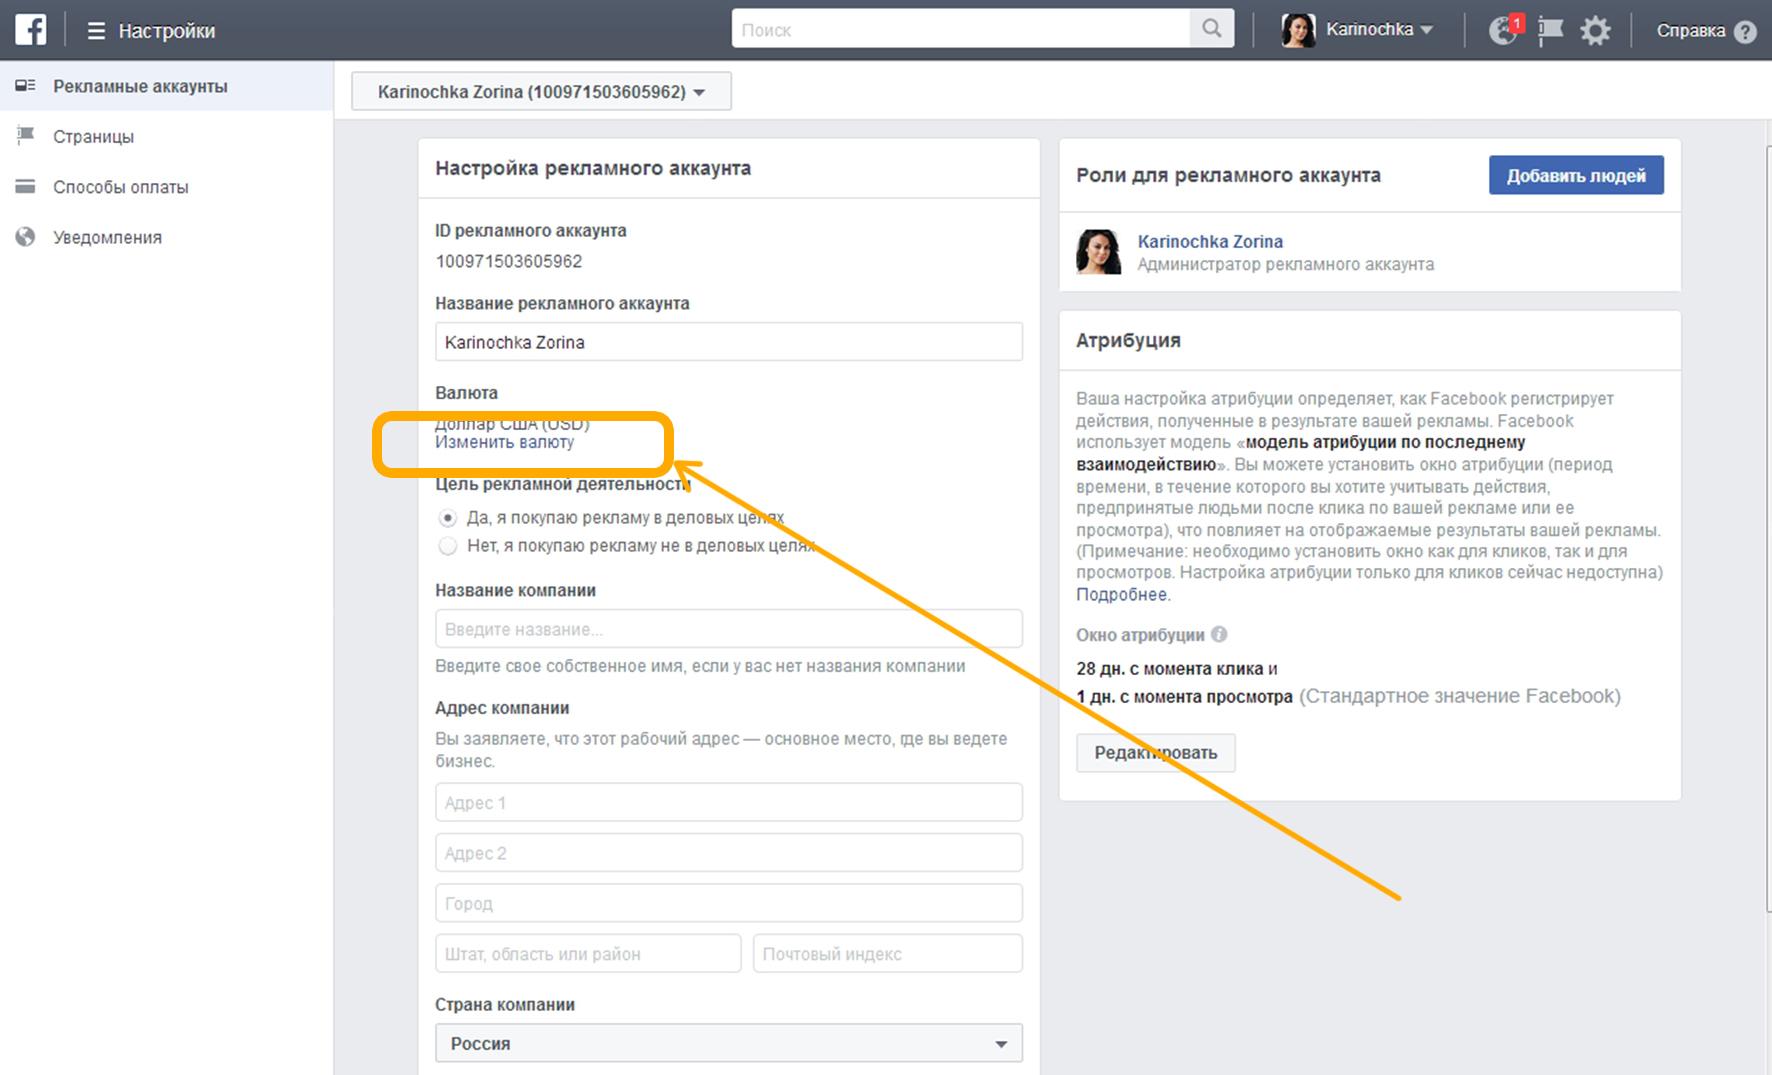 Визуальное разъяснение для пользователя и обведенная в оранжевый квадрат ссылка, при нажатии на которую происходит смены самой валюты рекламного аккаунта Фейсбук.